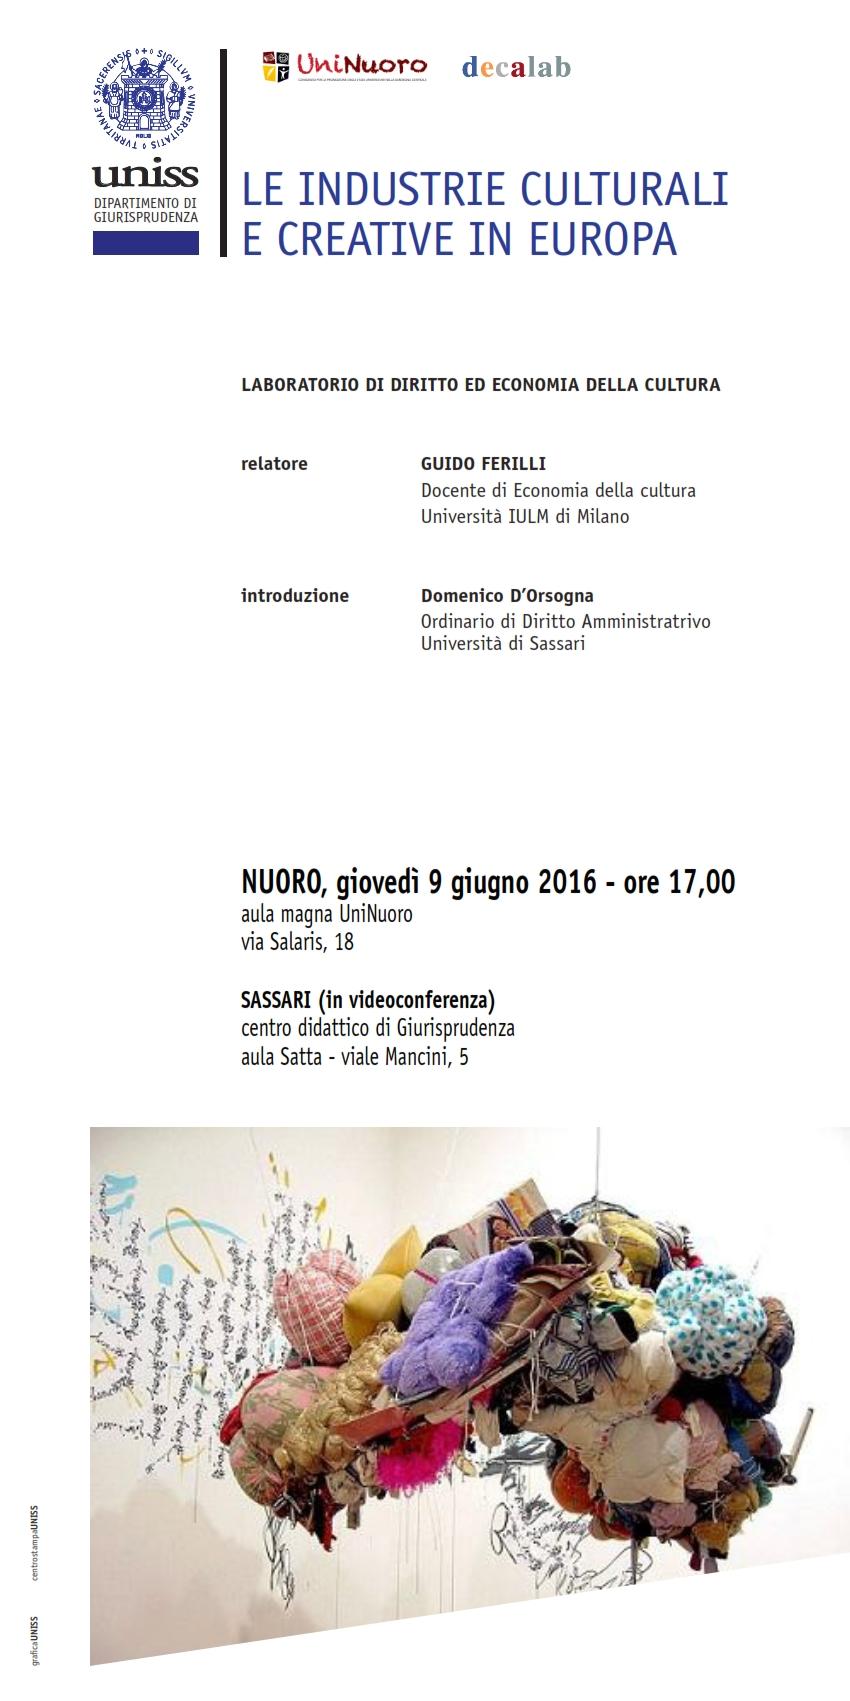 Le industrie culturali e creative in Europa